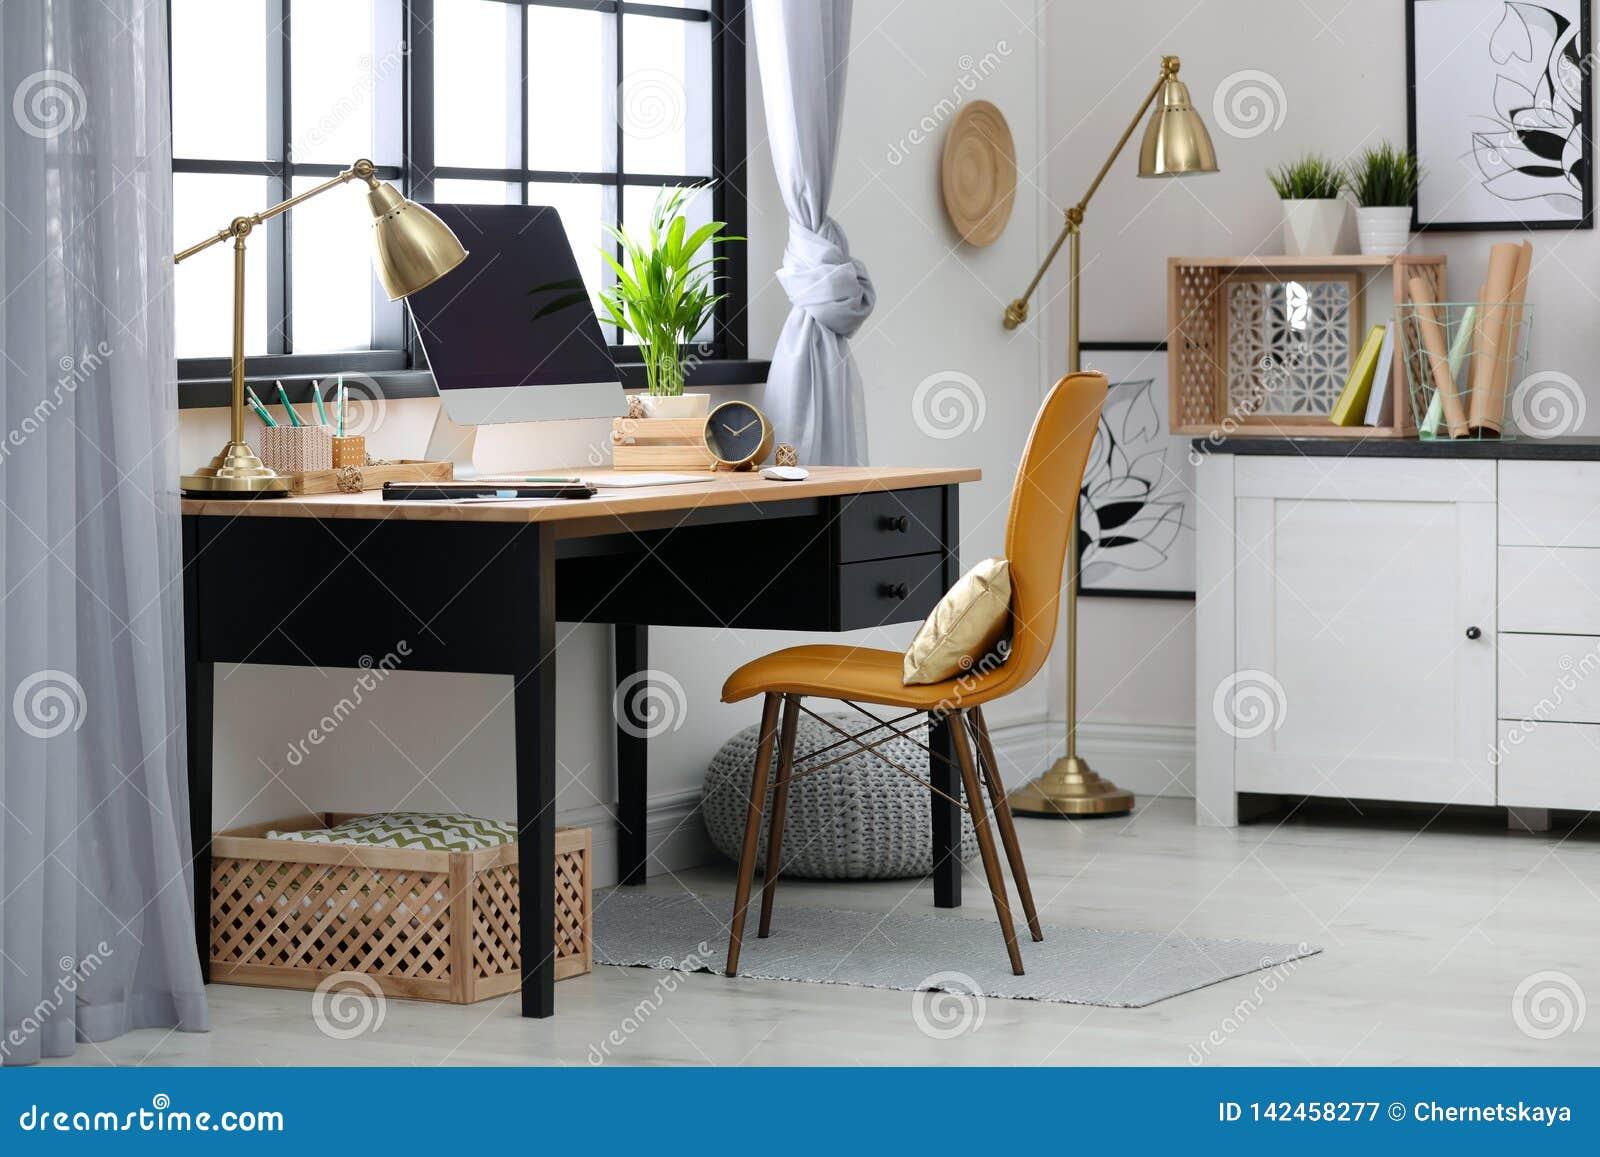 Local de trabalho moderno da casa com caixas de madeira